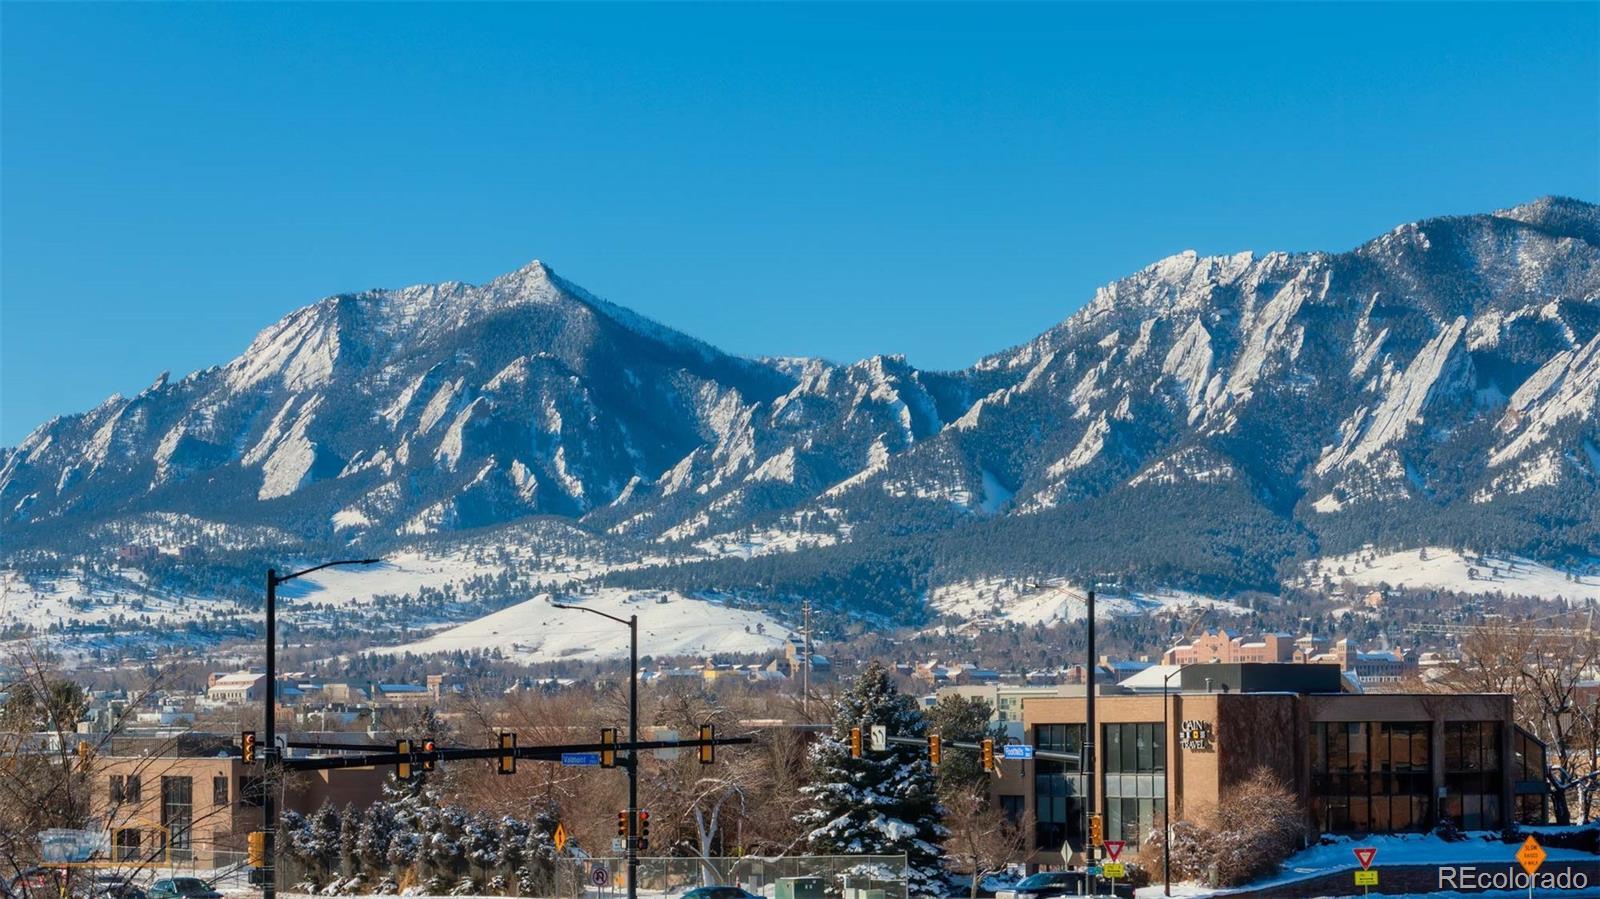 MLS# 5289239 - 21 - 4716 Edison Lane, Boulder, CO 80301